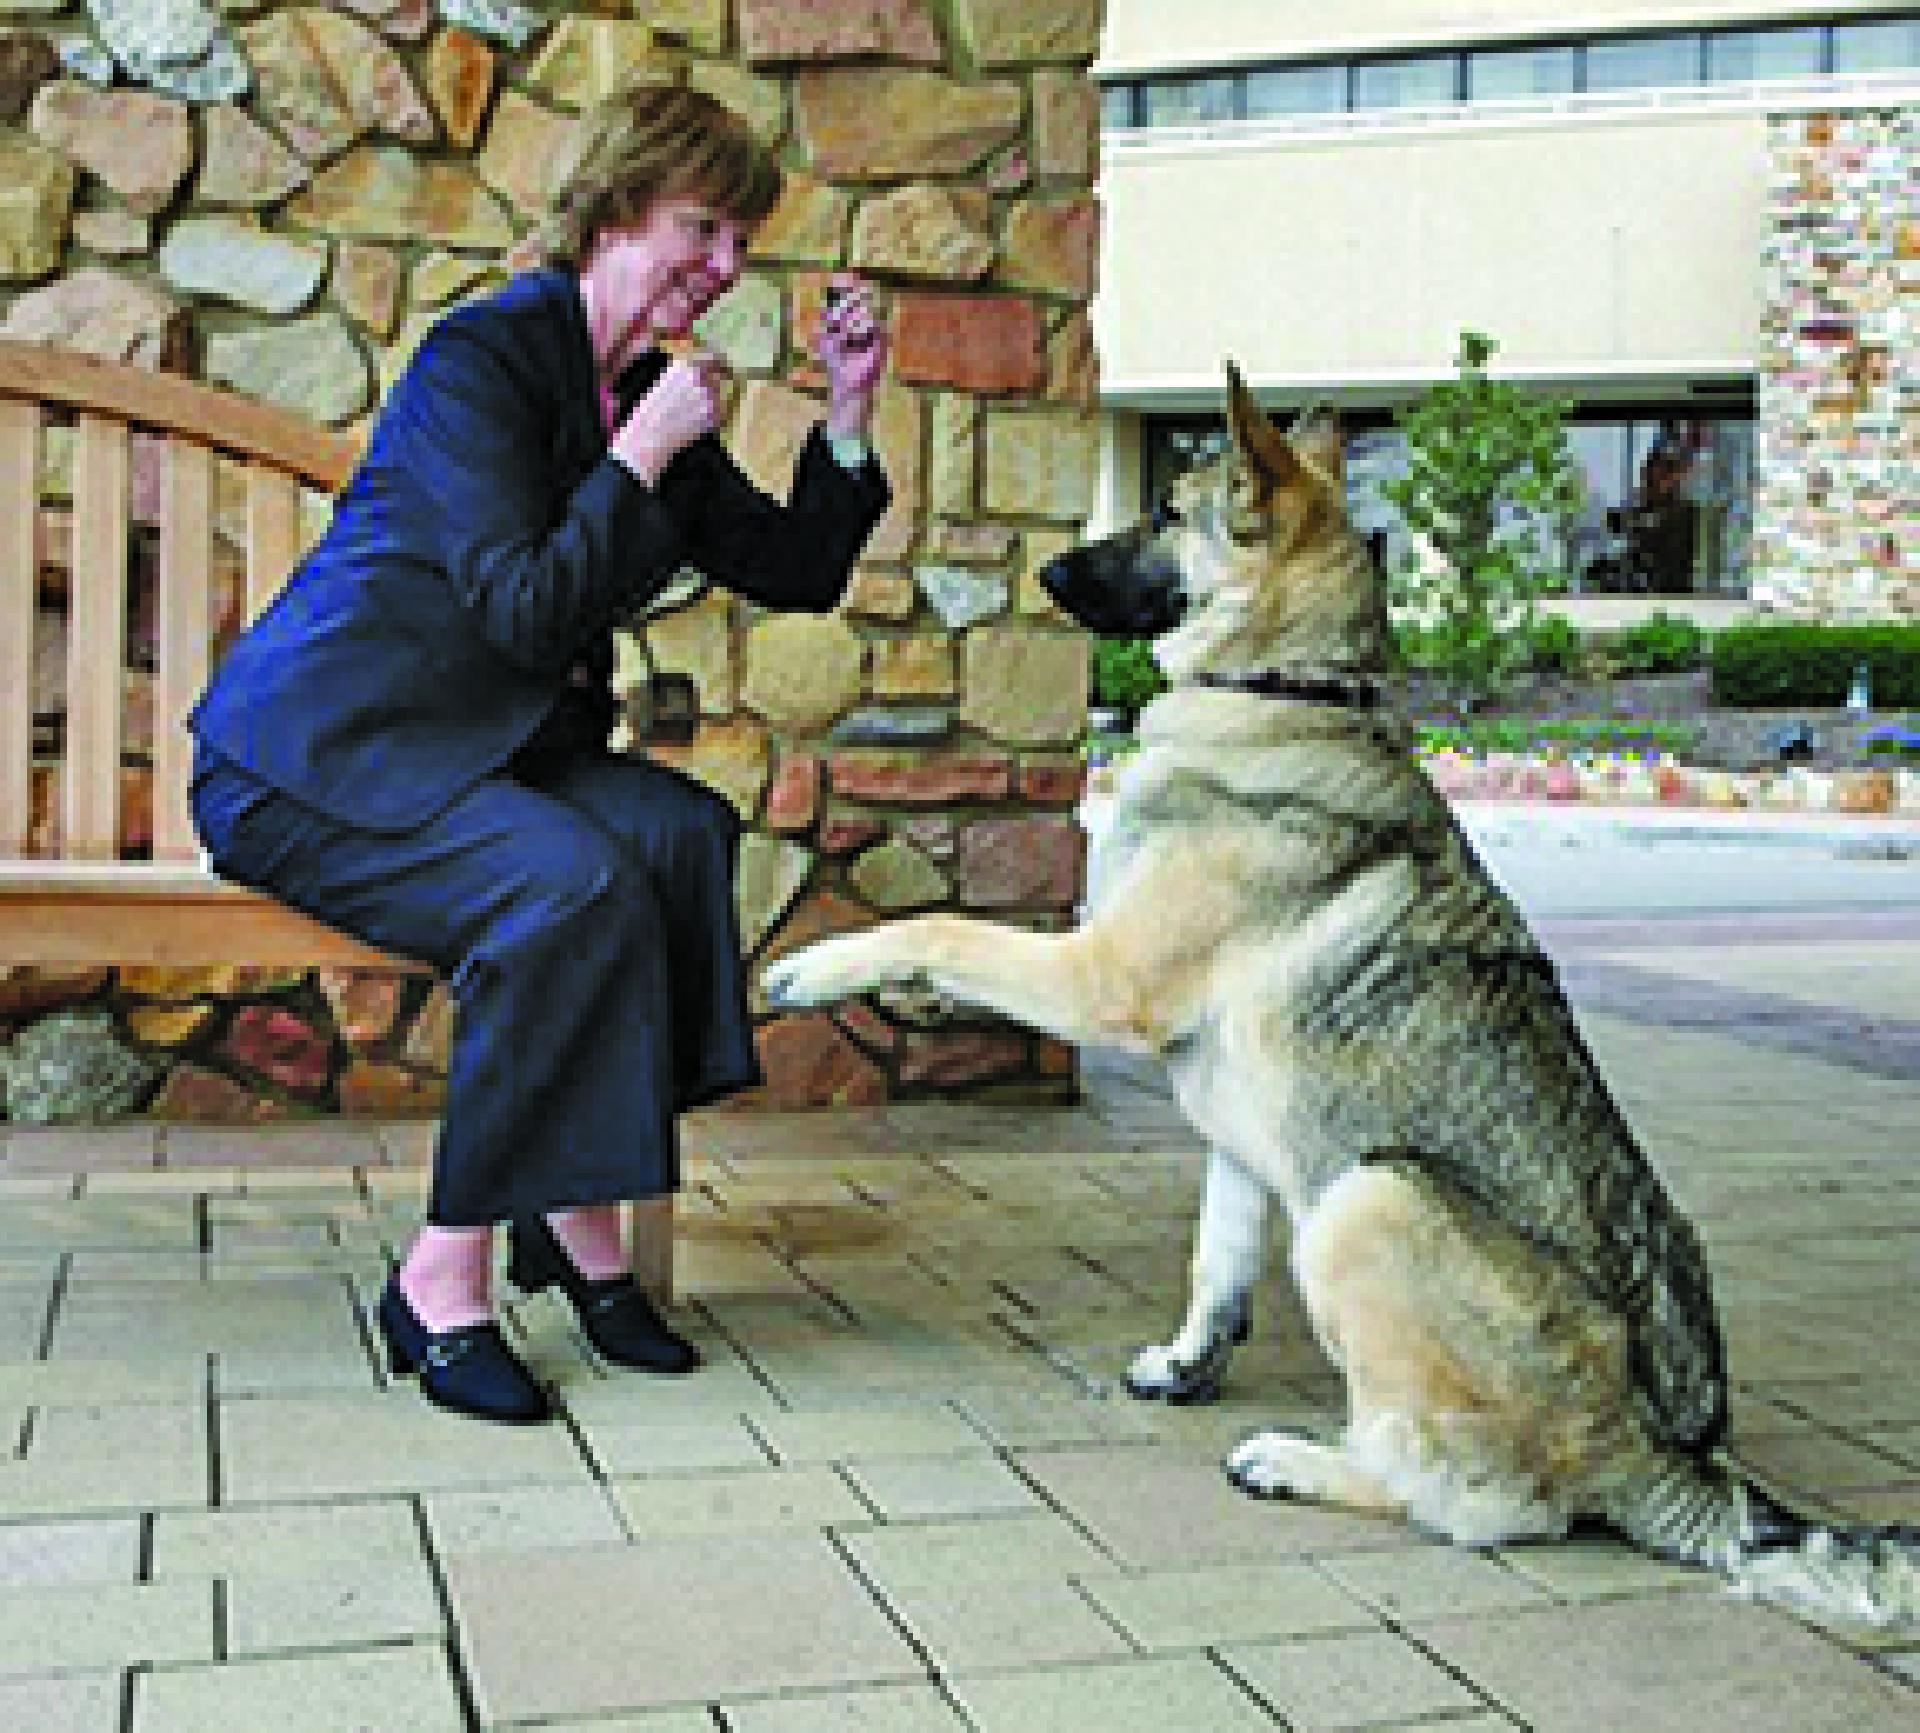 Karen Pryor übt mit einem neuen Bekannten